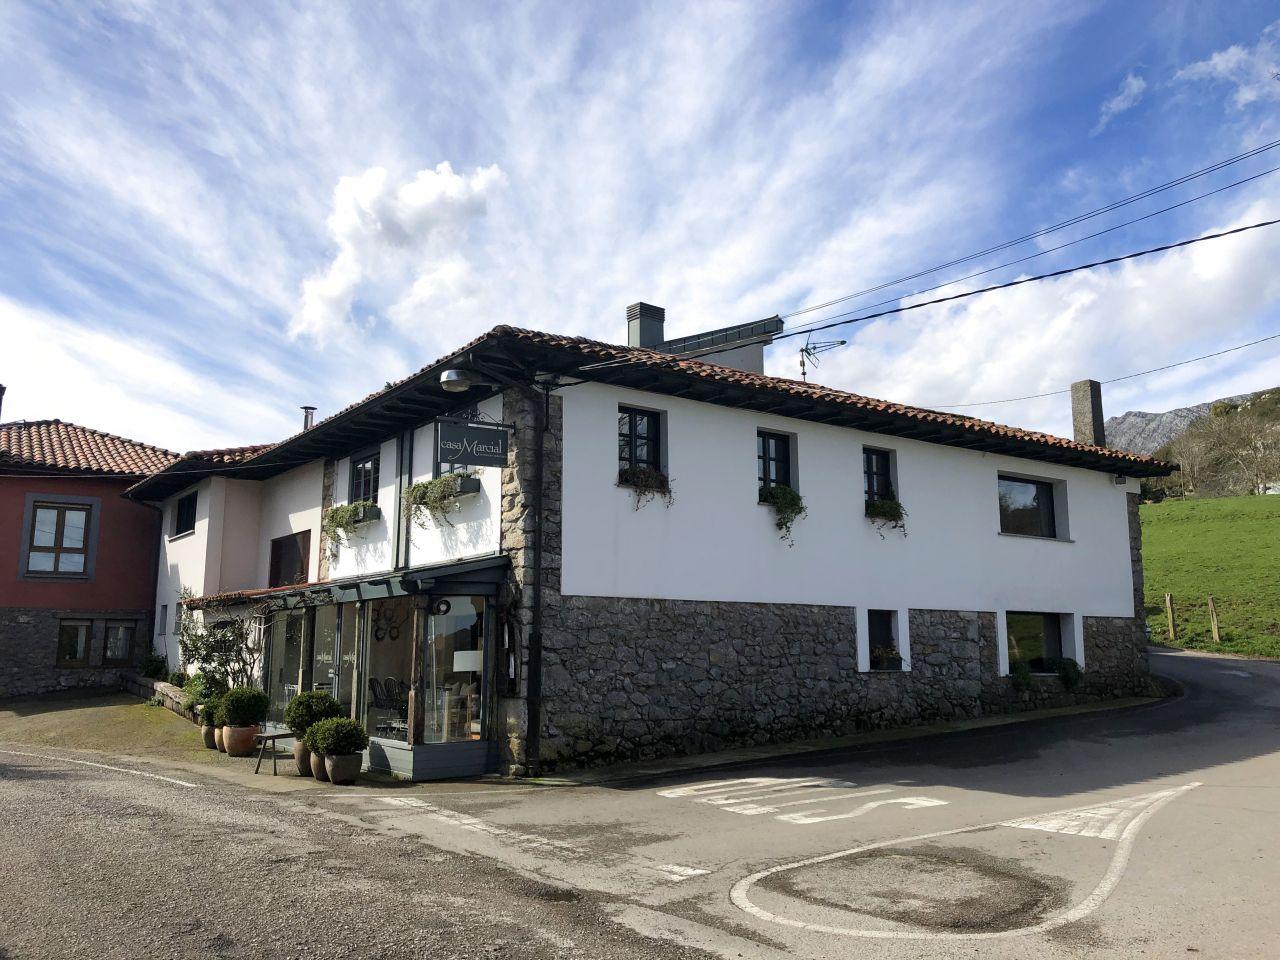 Casa Marcial – NachoManzano